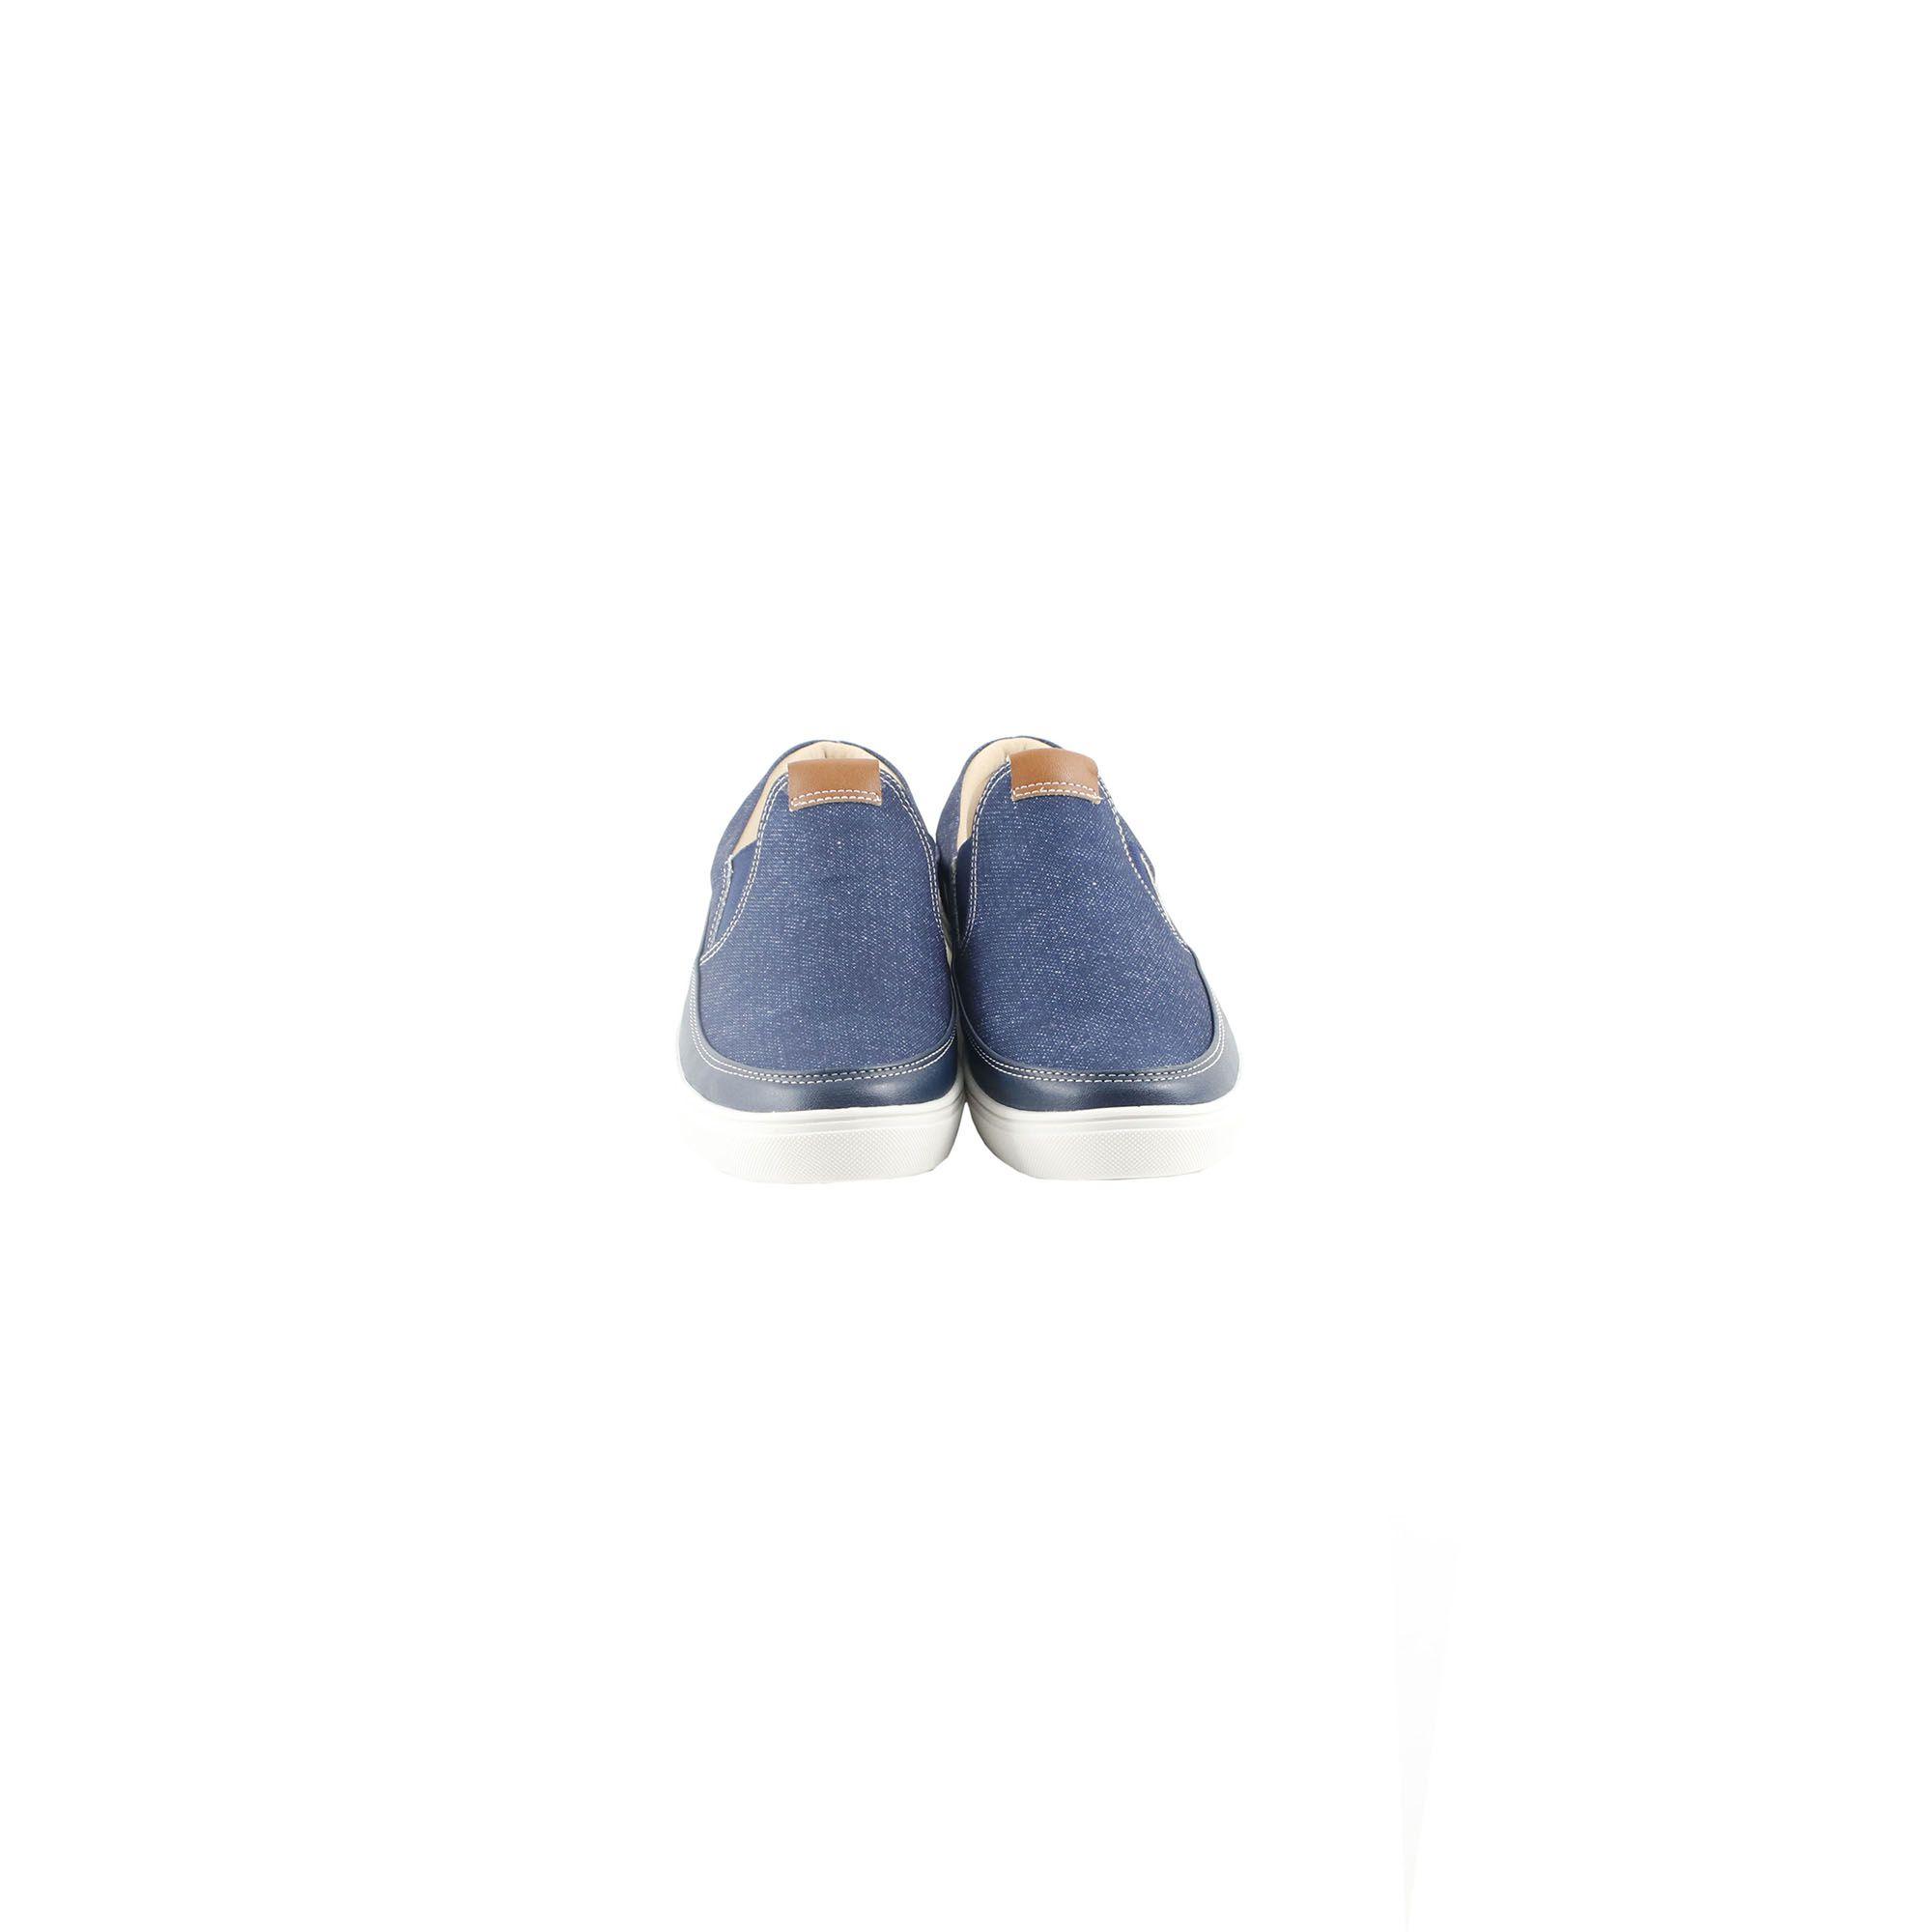 Sapato Masculino Menino Rio 6858.6520